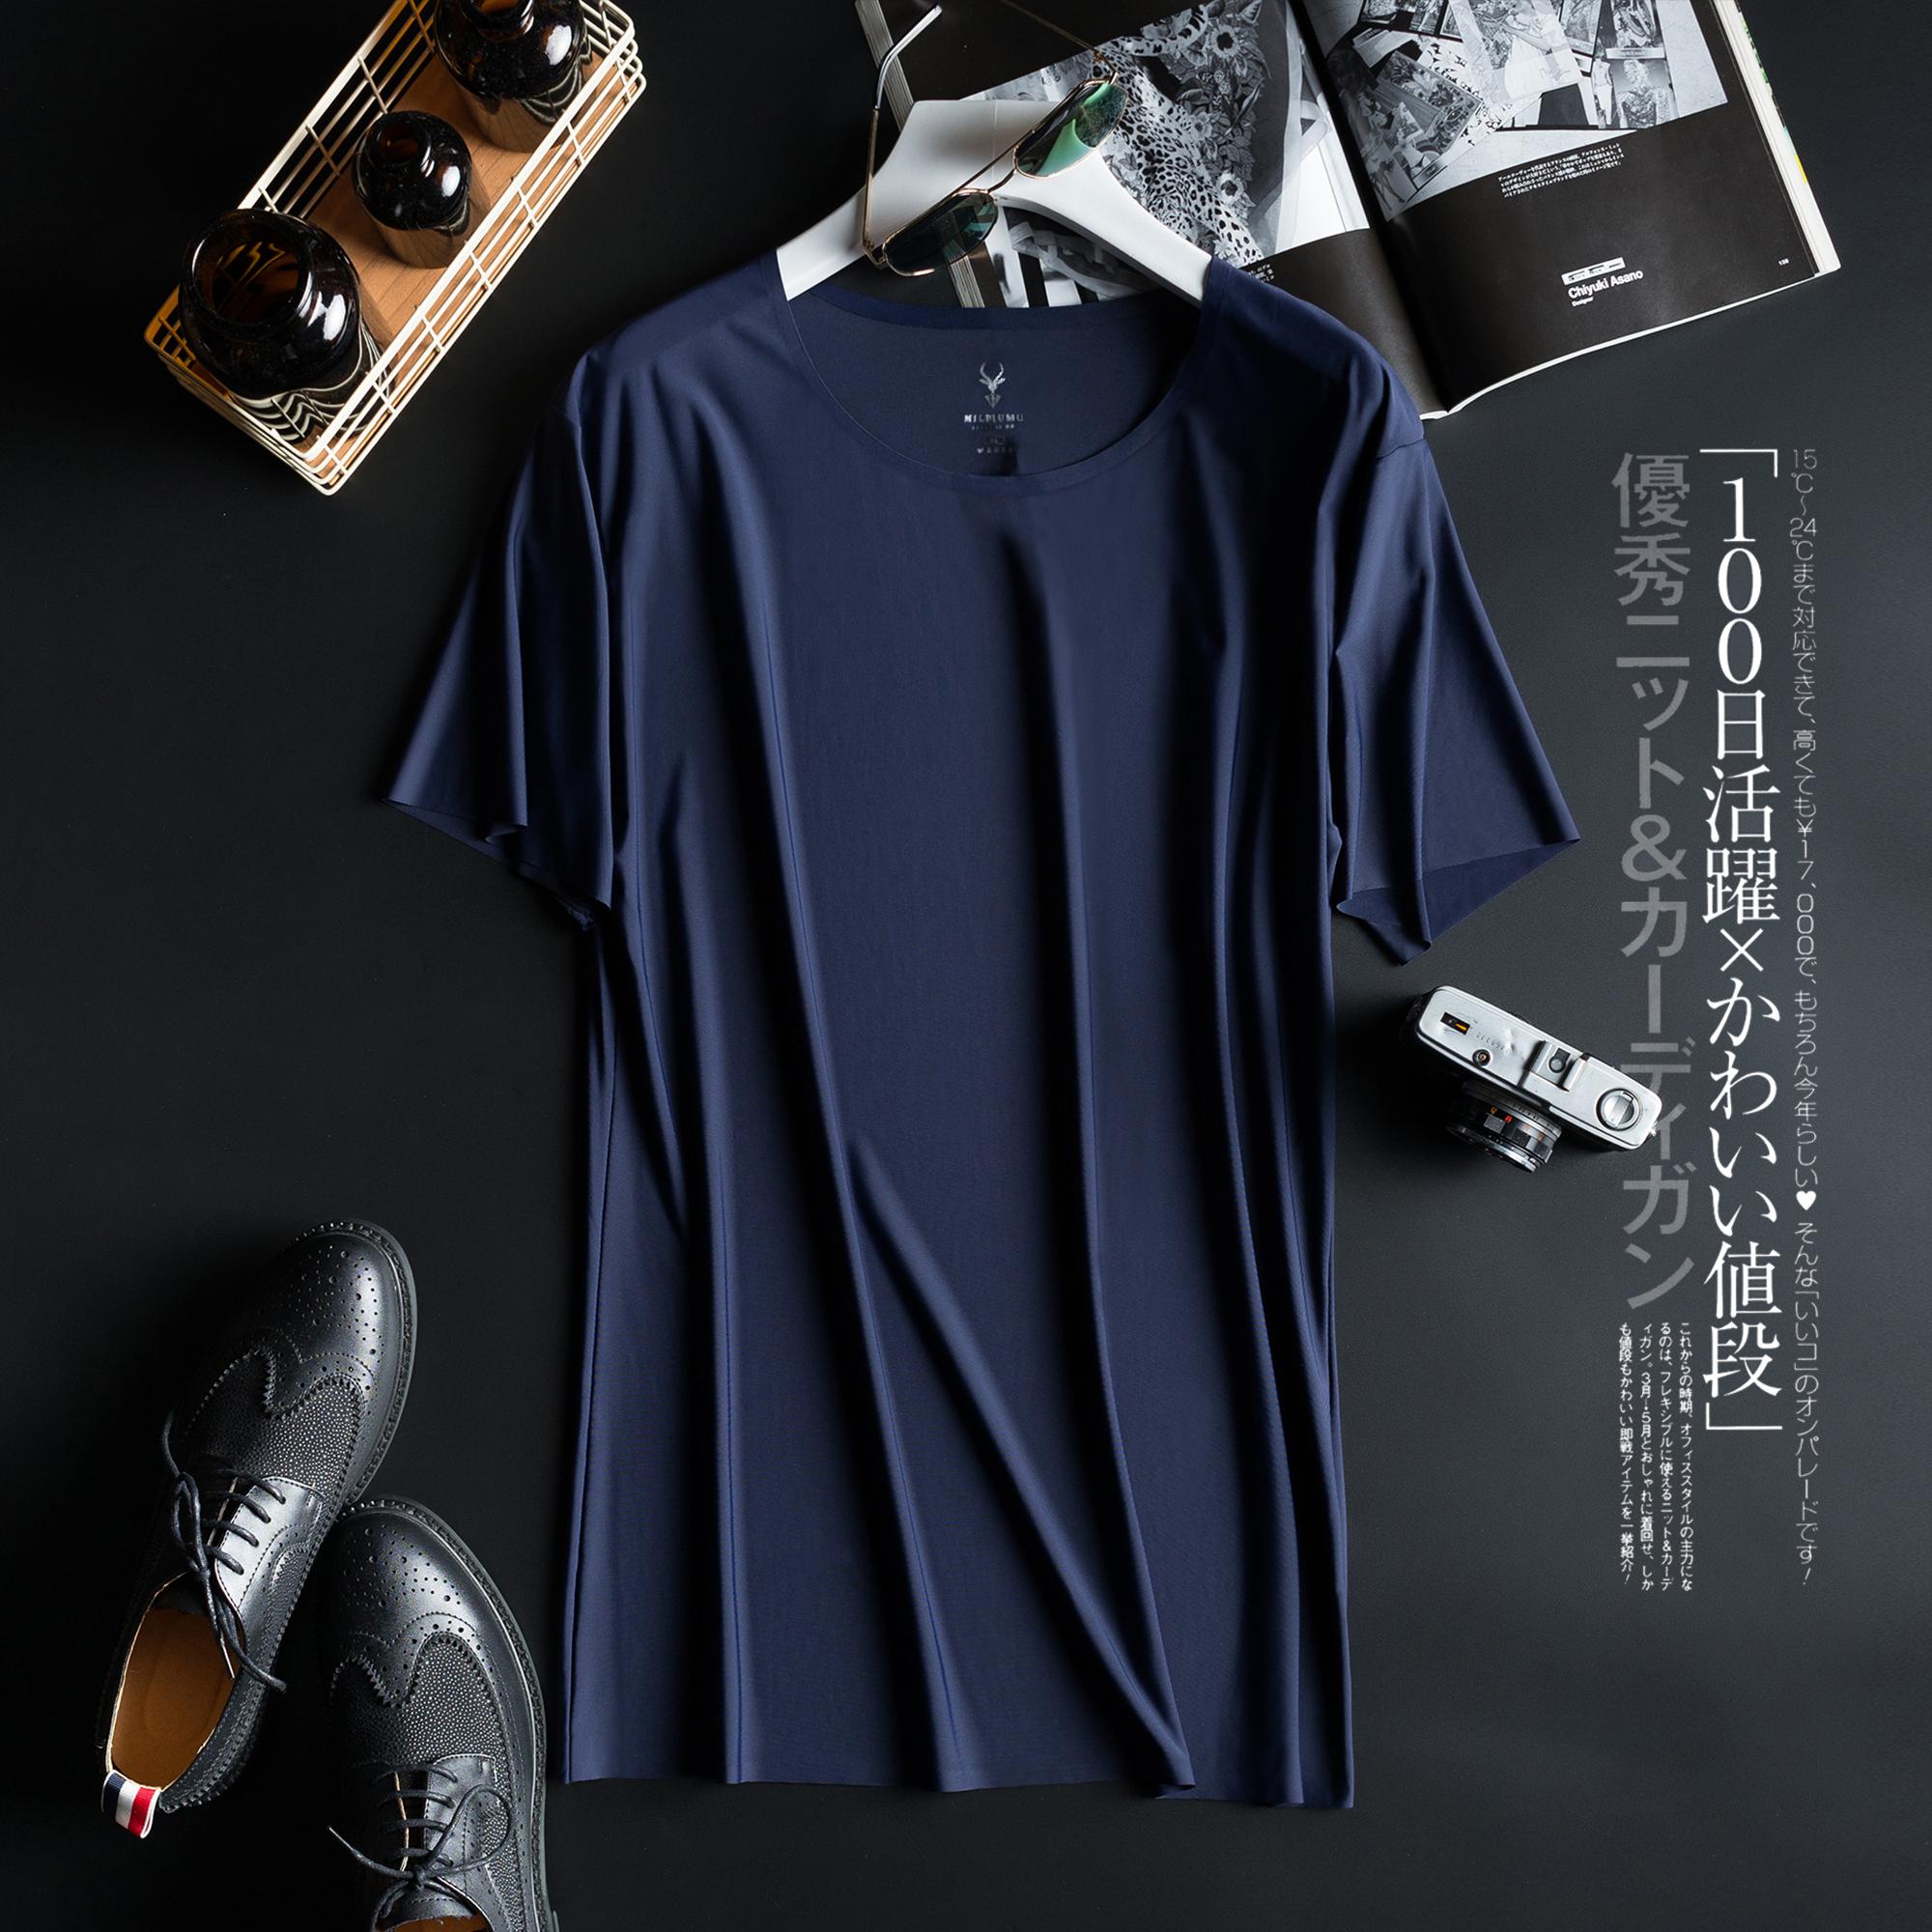 羊奶丝T恤男日本MILMUMU速干半袖大码夏季圆领弹力冰丝无痕短袖男